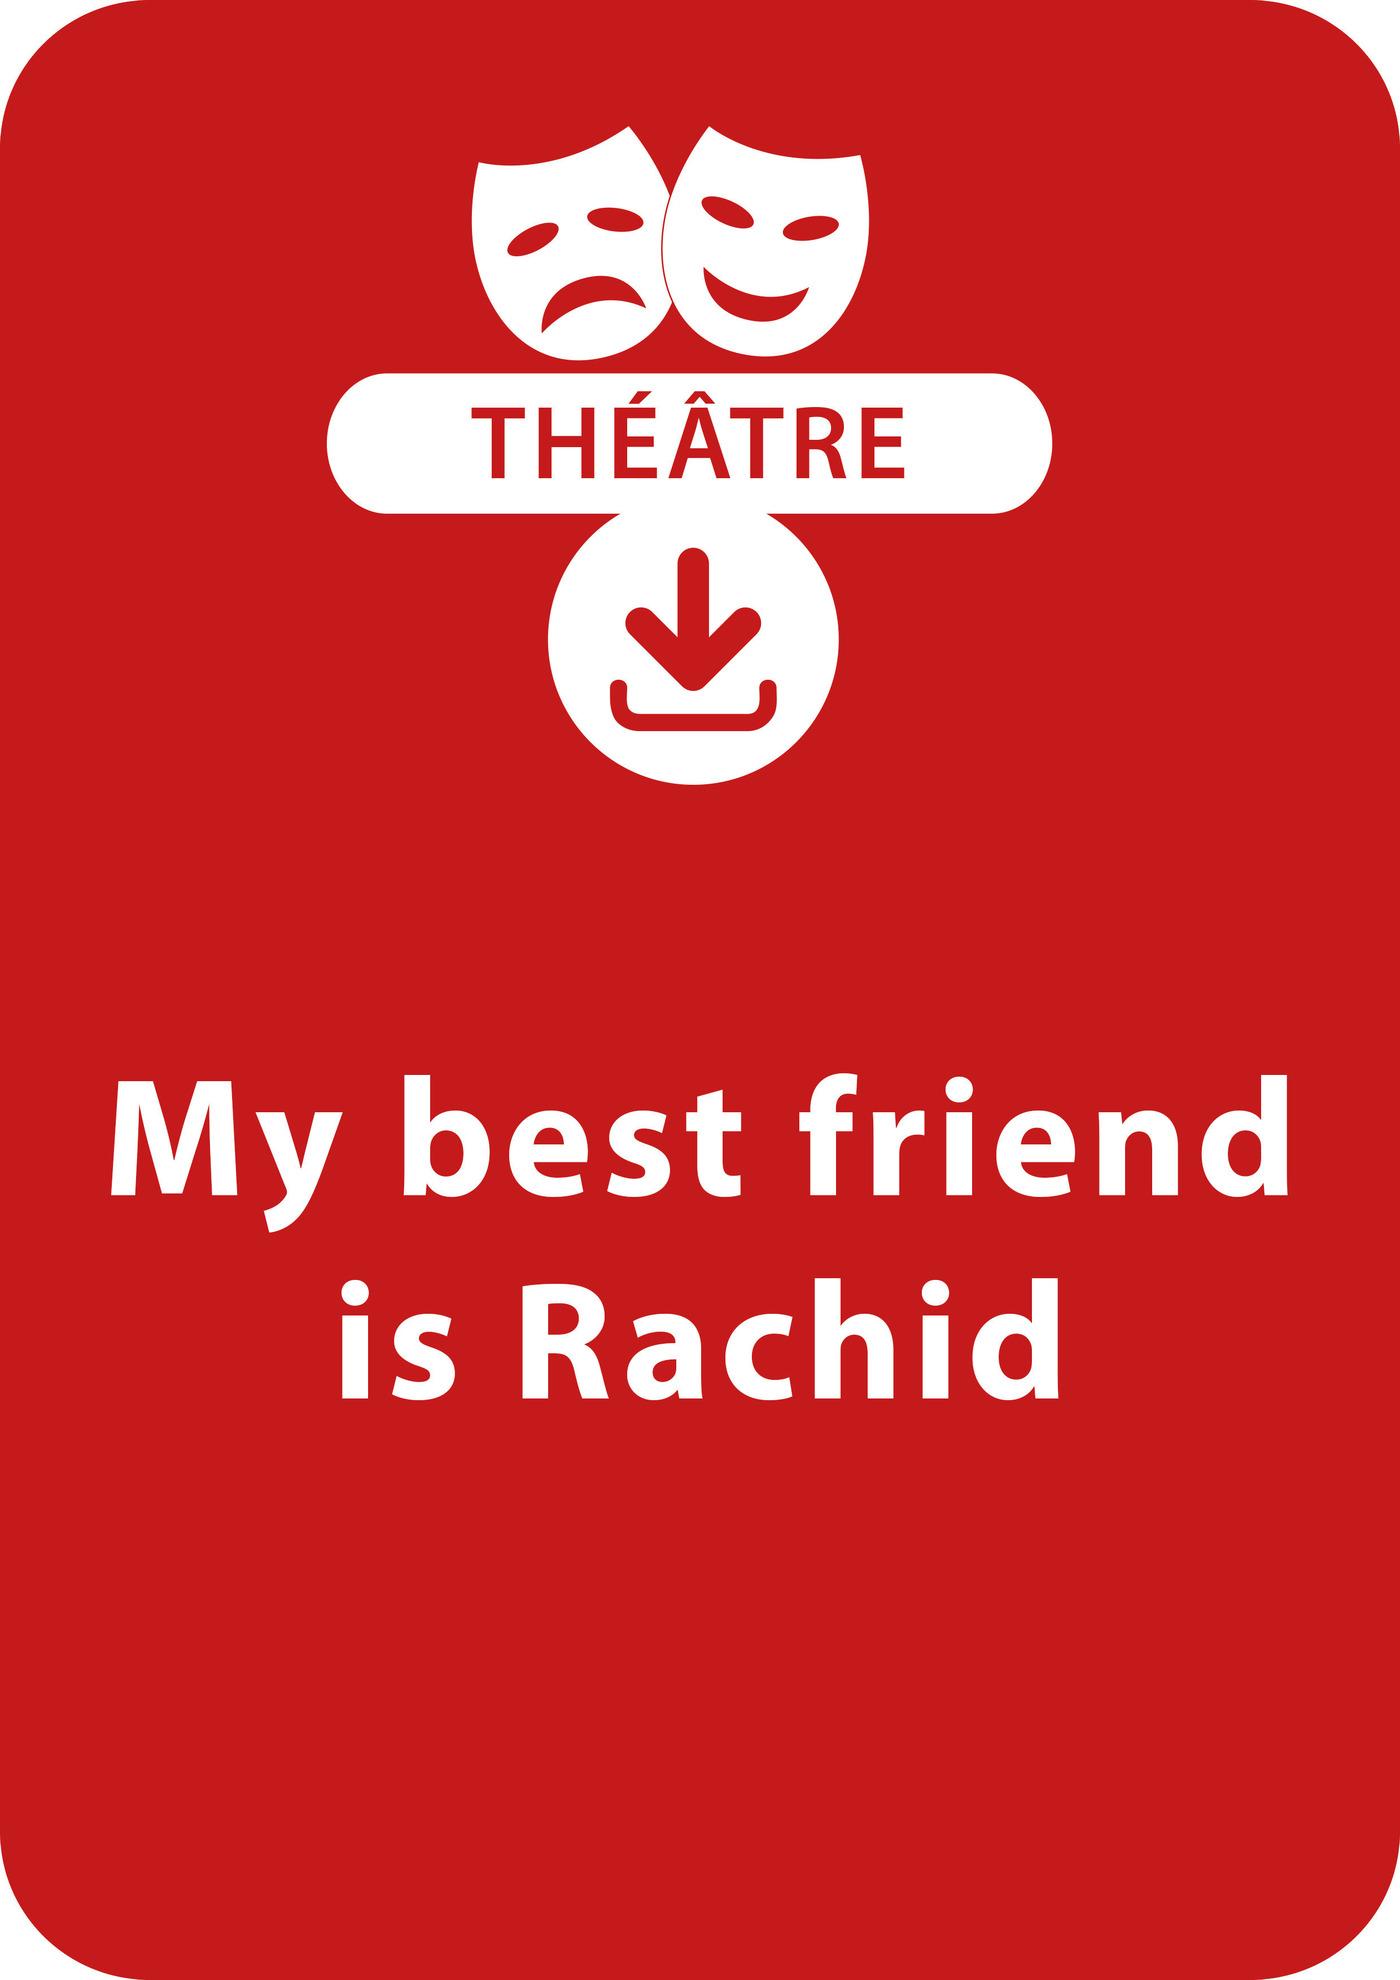 My best friend is Rachid